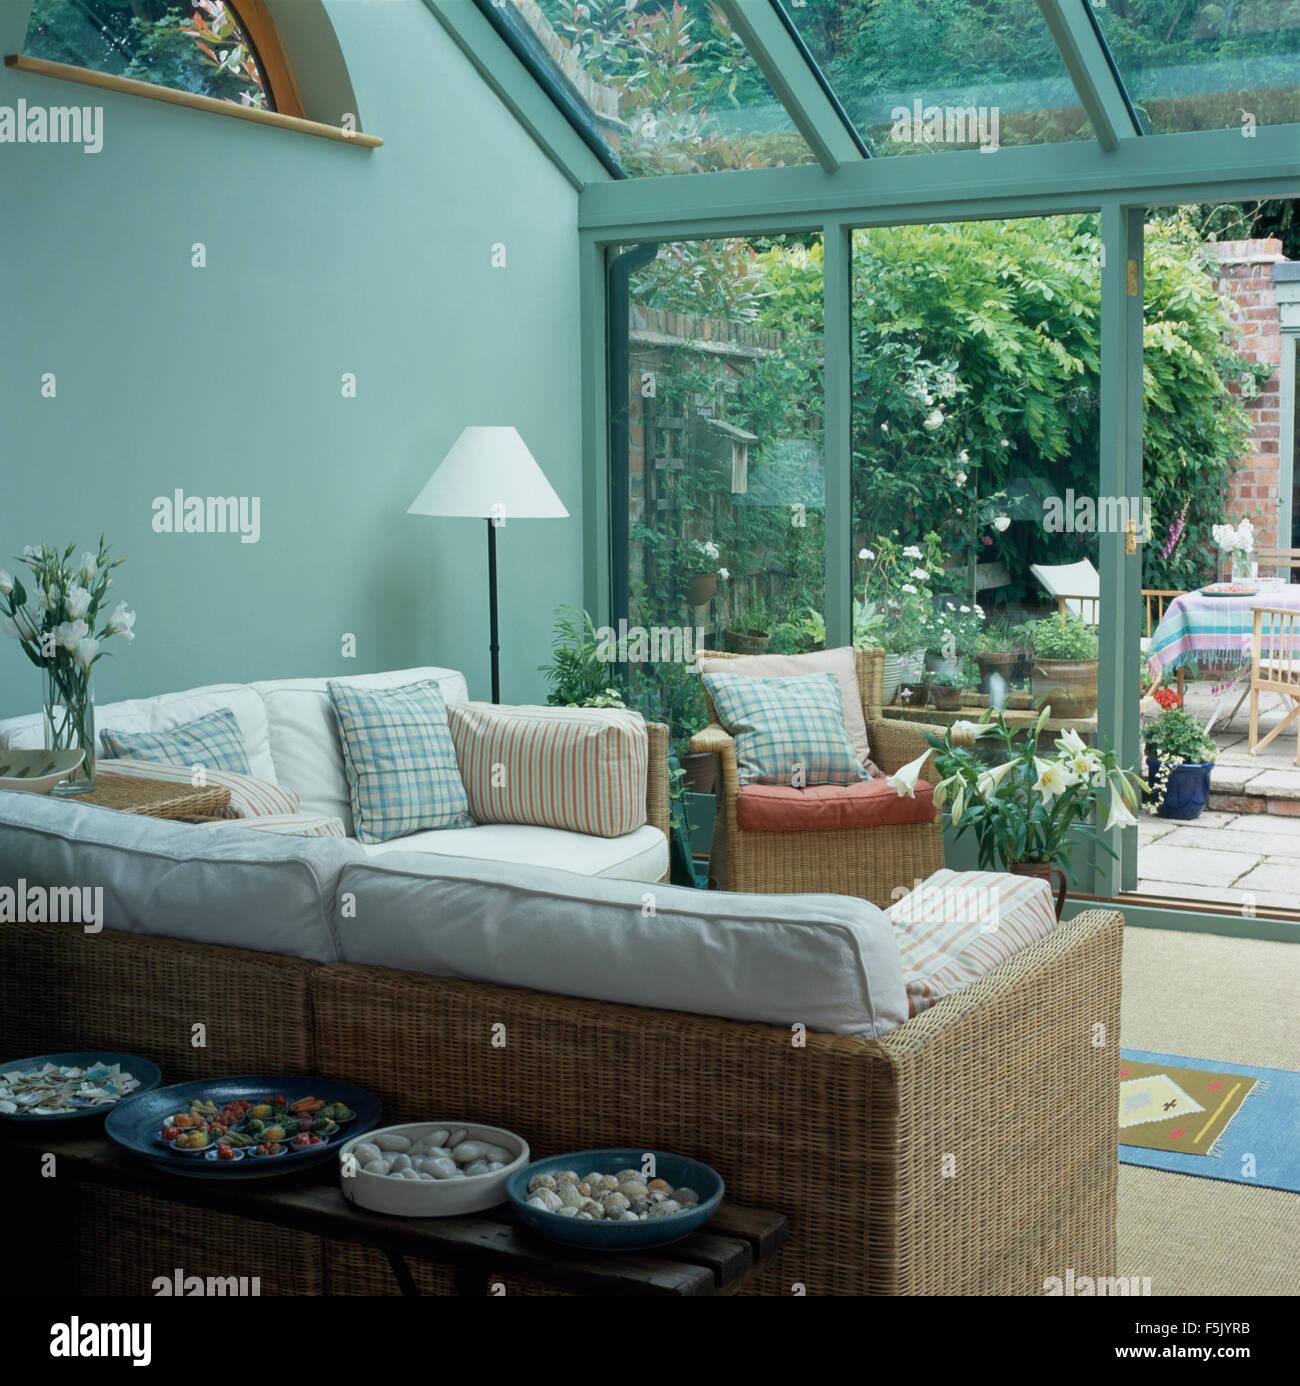 weißen kissen auf wicker sofa in einem hellen türkis wintergarten, Wohnzimmer dekoo